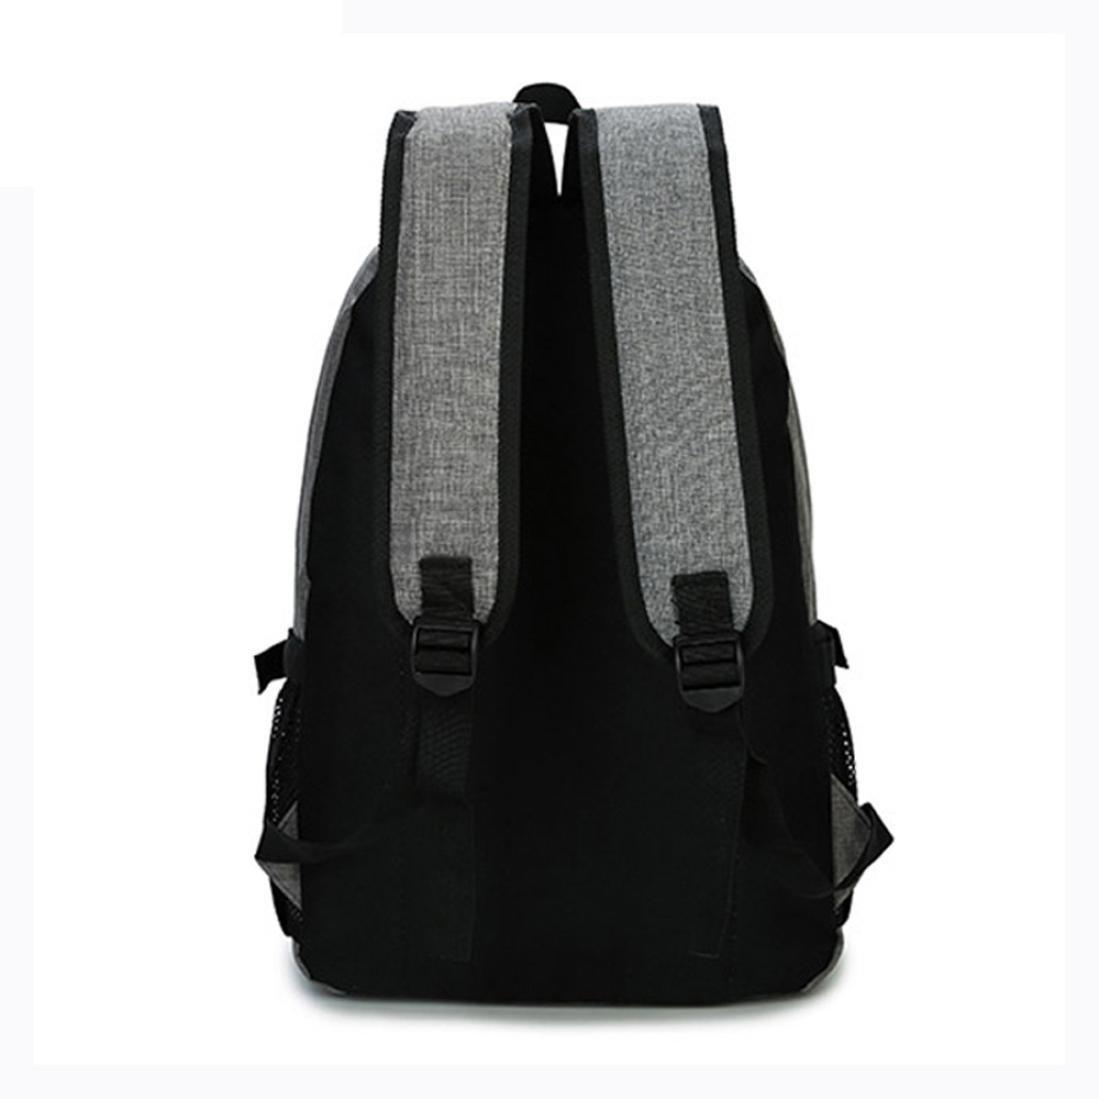 73729d5fcbd9 Amazon.com: Cinhent Backpacks Laptop Backpack, Newly Fashion Leisure ...